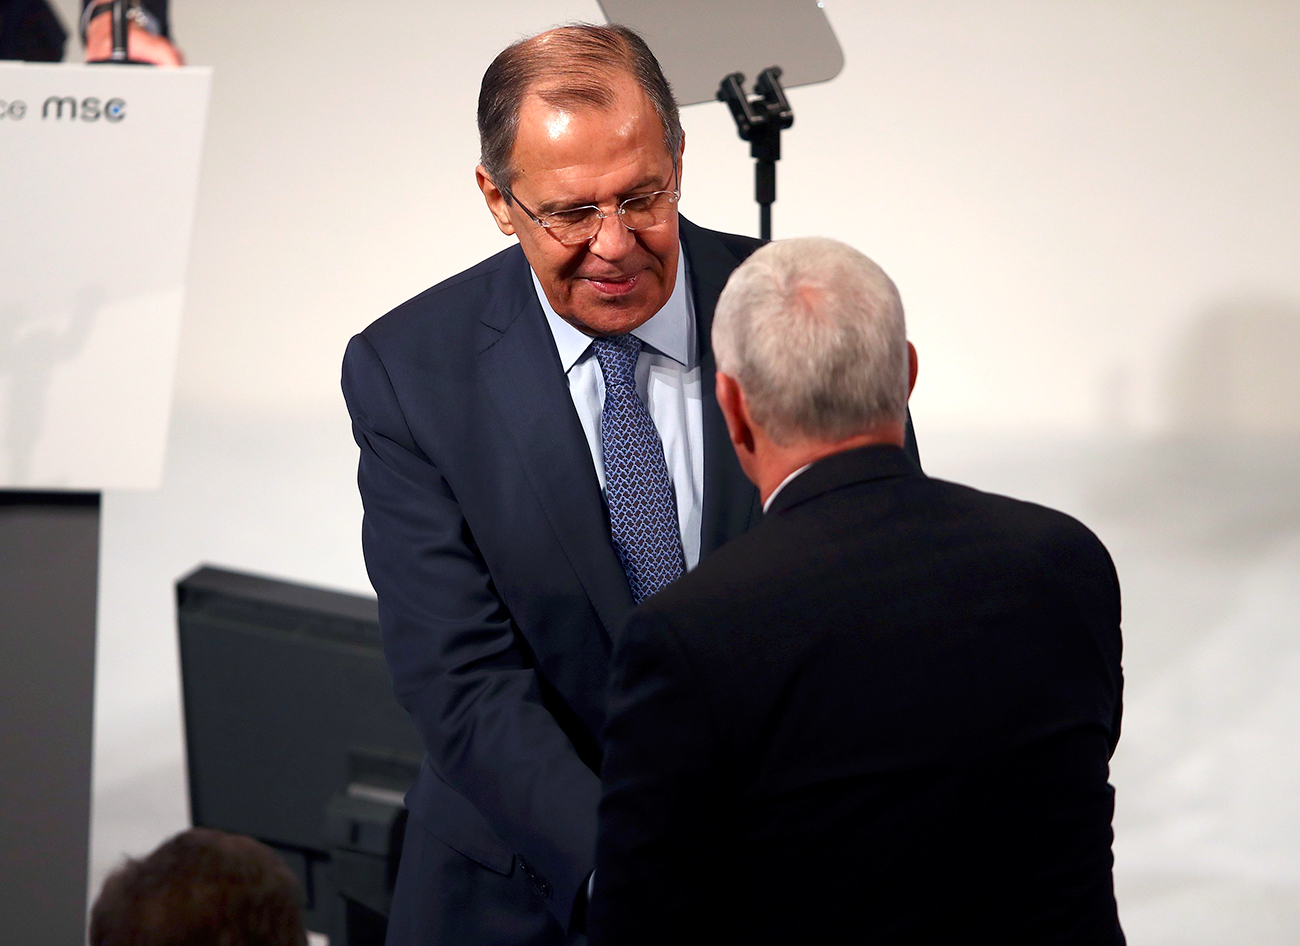 Le chef de diplomatie russe Sergueï Lavrov et le vice-président américain Mike Pence lors de la Conférence de Munich.